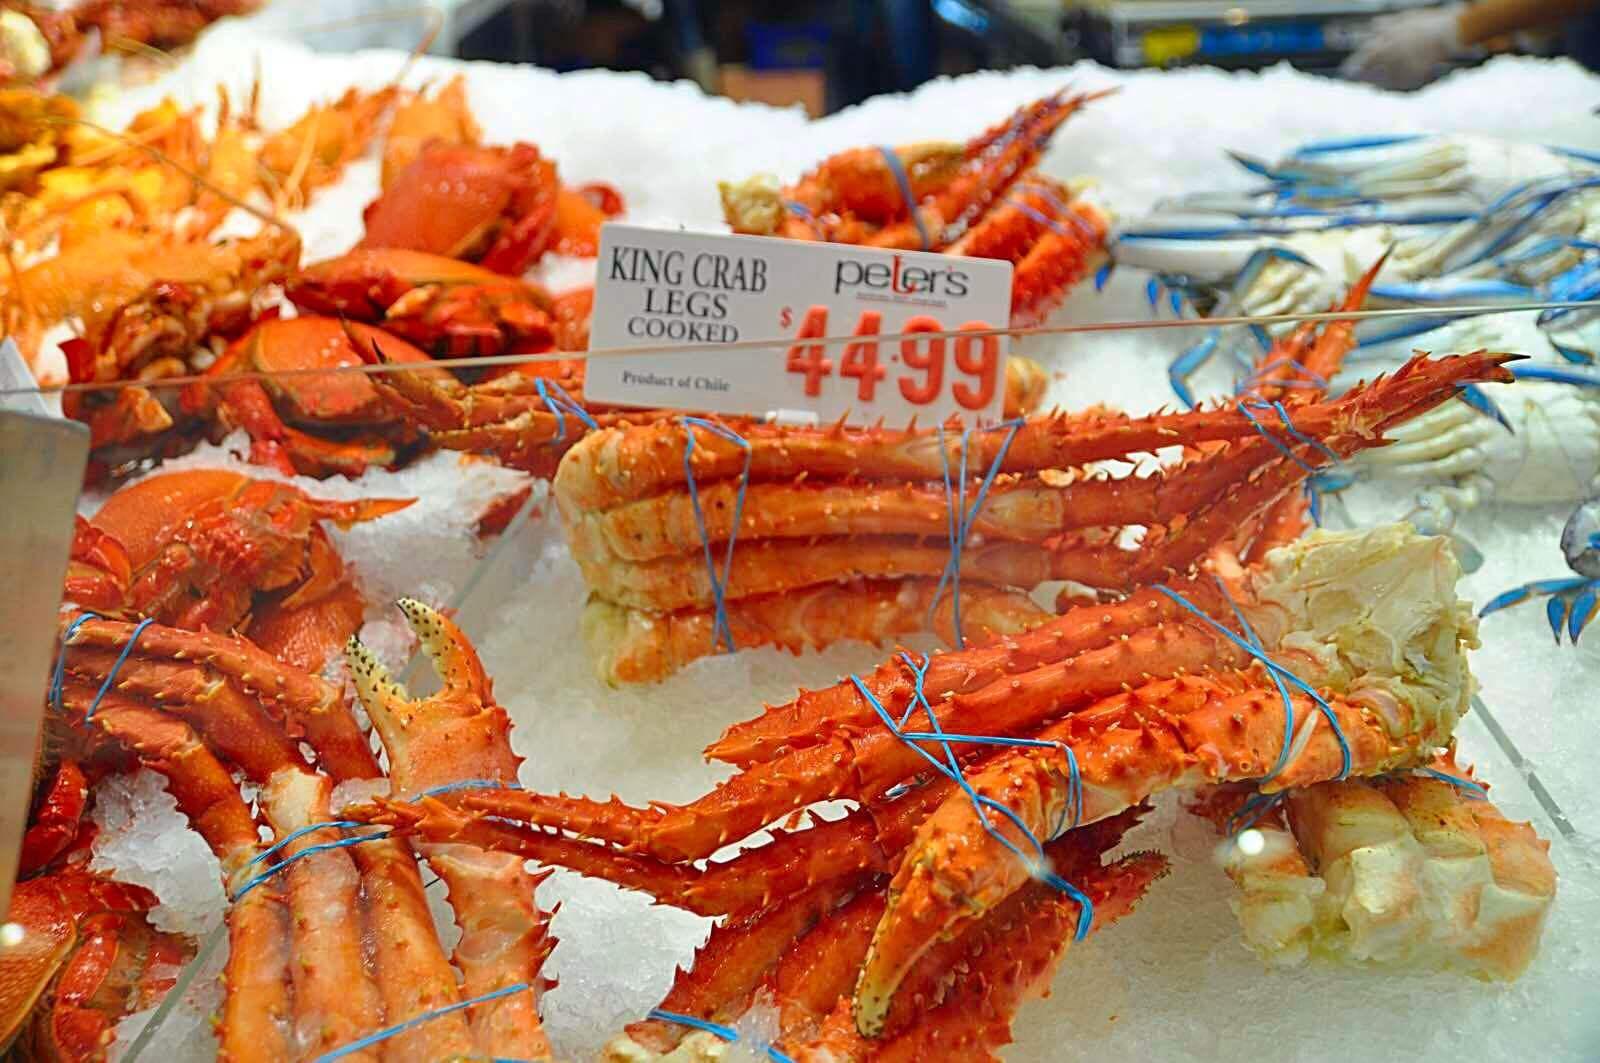 悉尼海鲜市场fish market 南半球最大的集批发,零售与餐饮与一体的